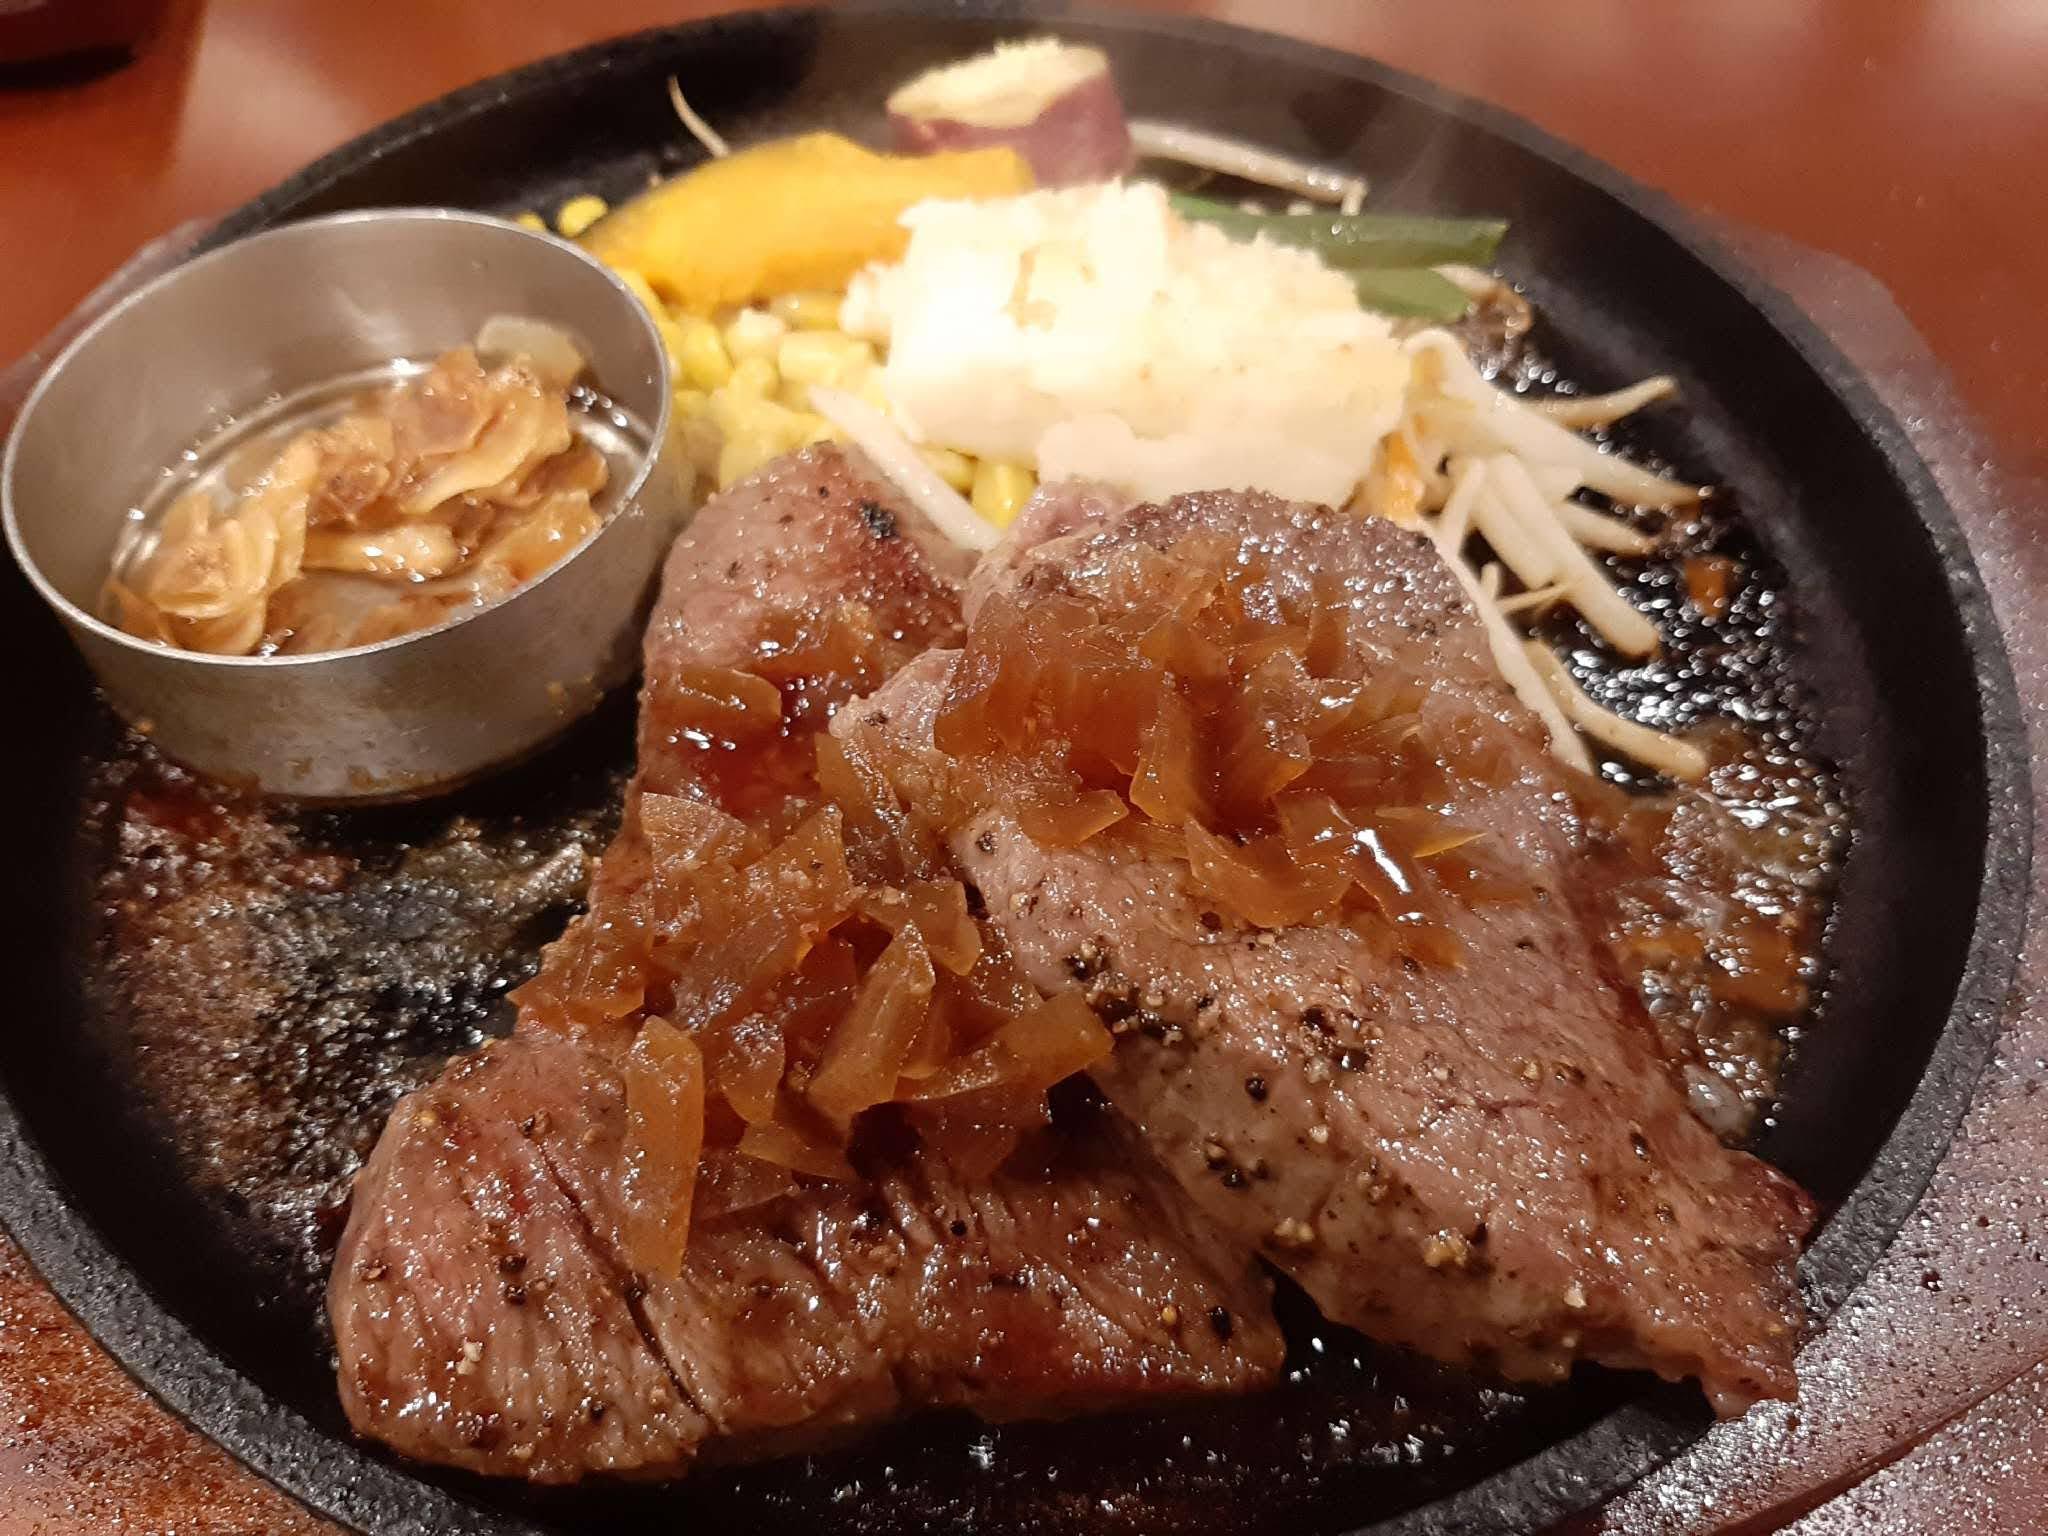 黒牛セブン7のイチボステーキ(200g)